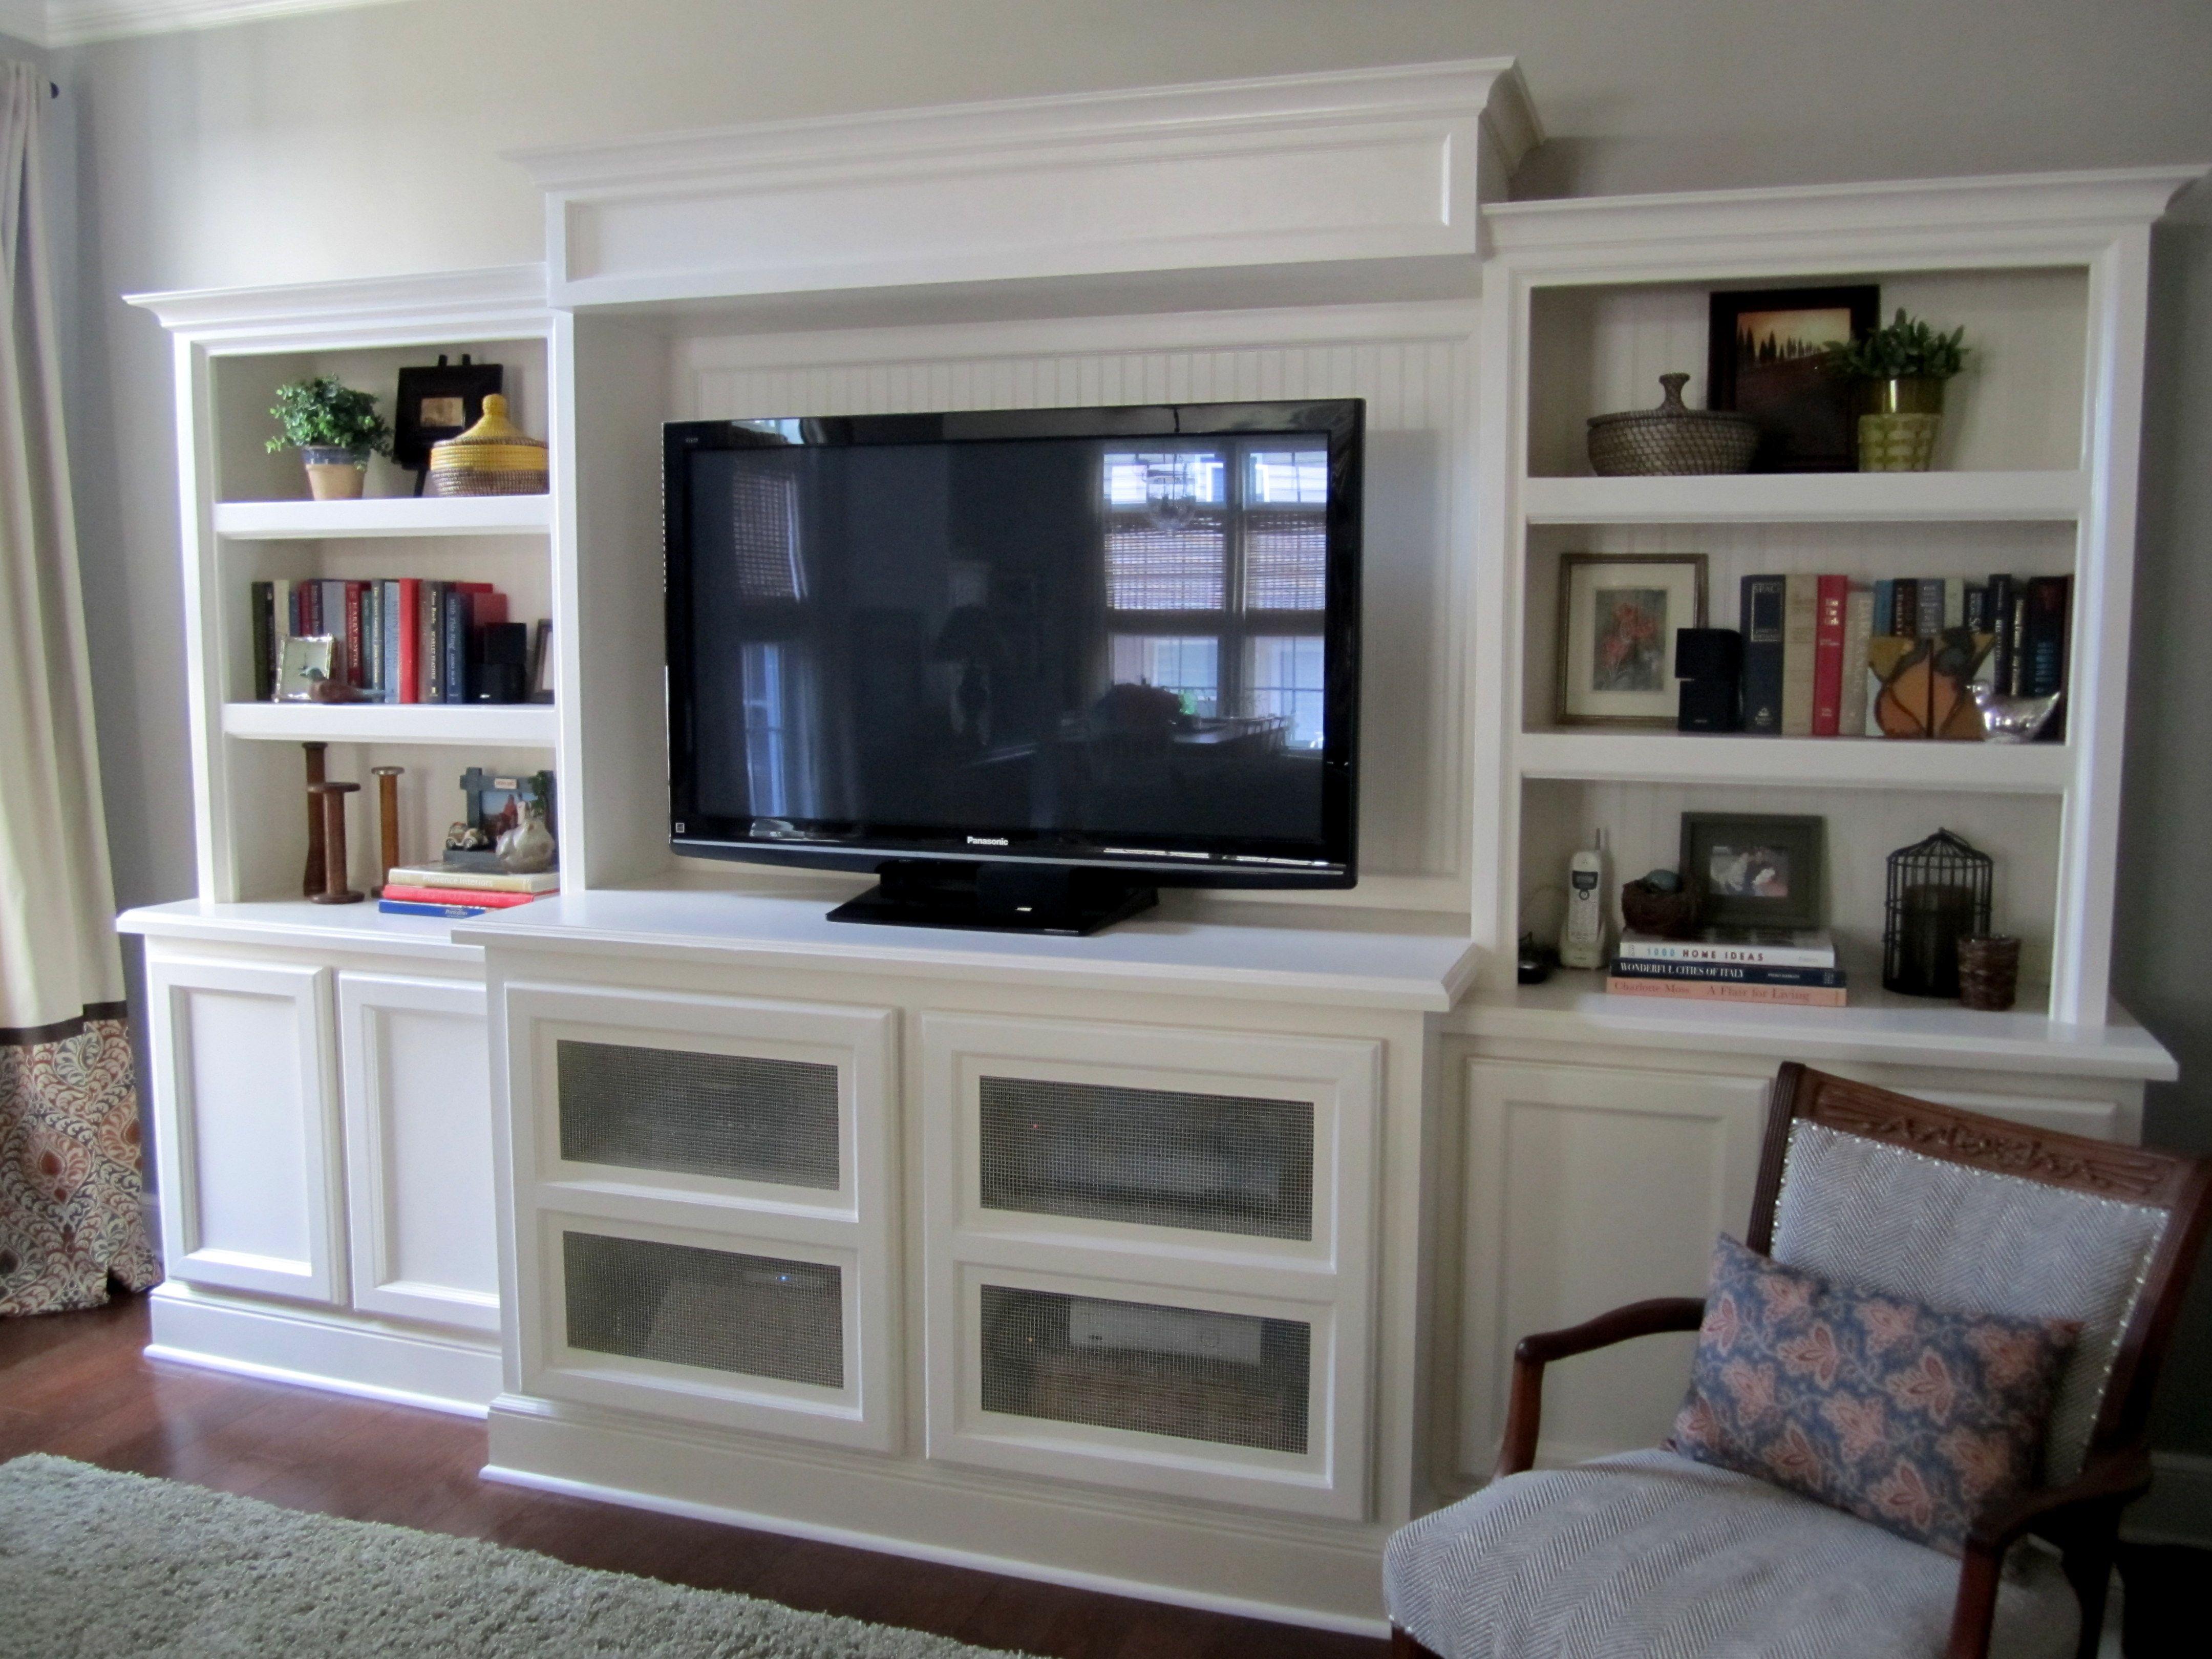 Custom Built In Shelves Bookcase Entertainment Center